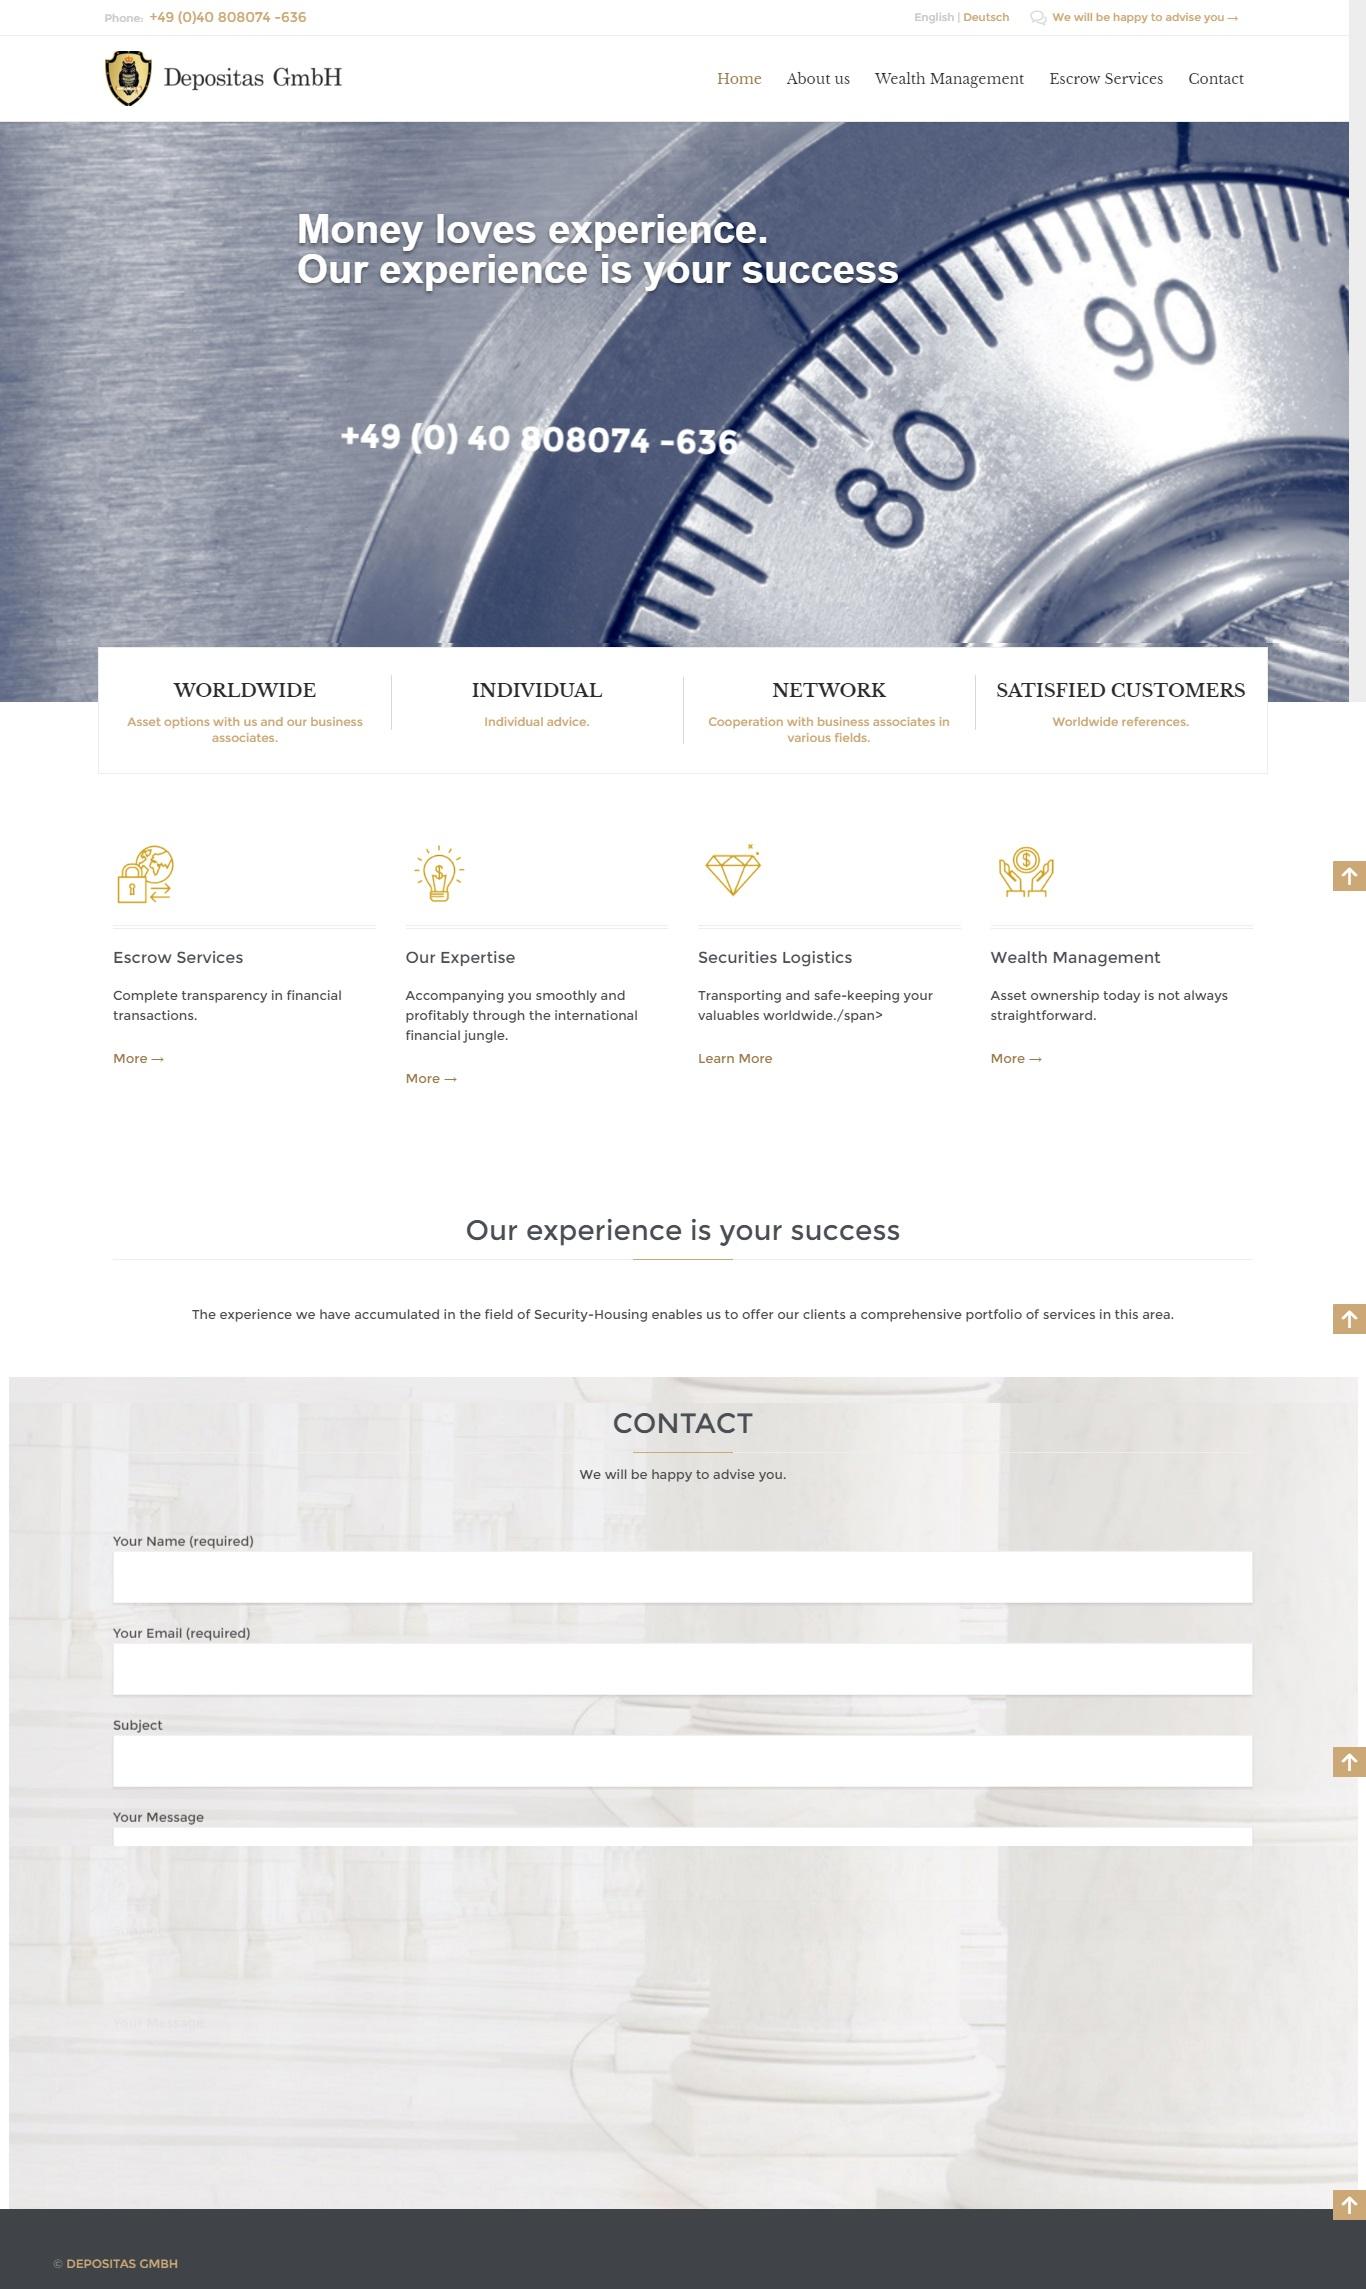 Финансовый консалтинг Depositas GmbH